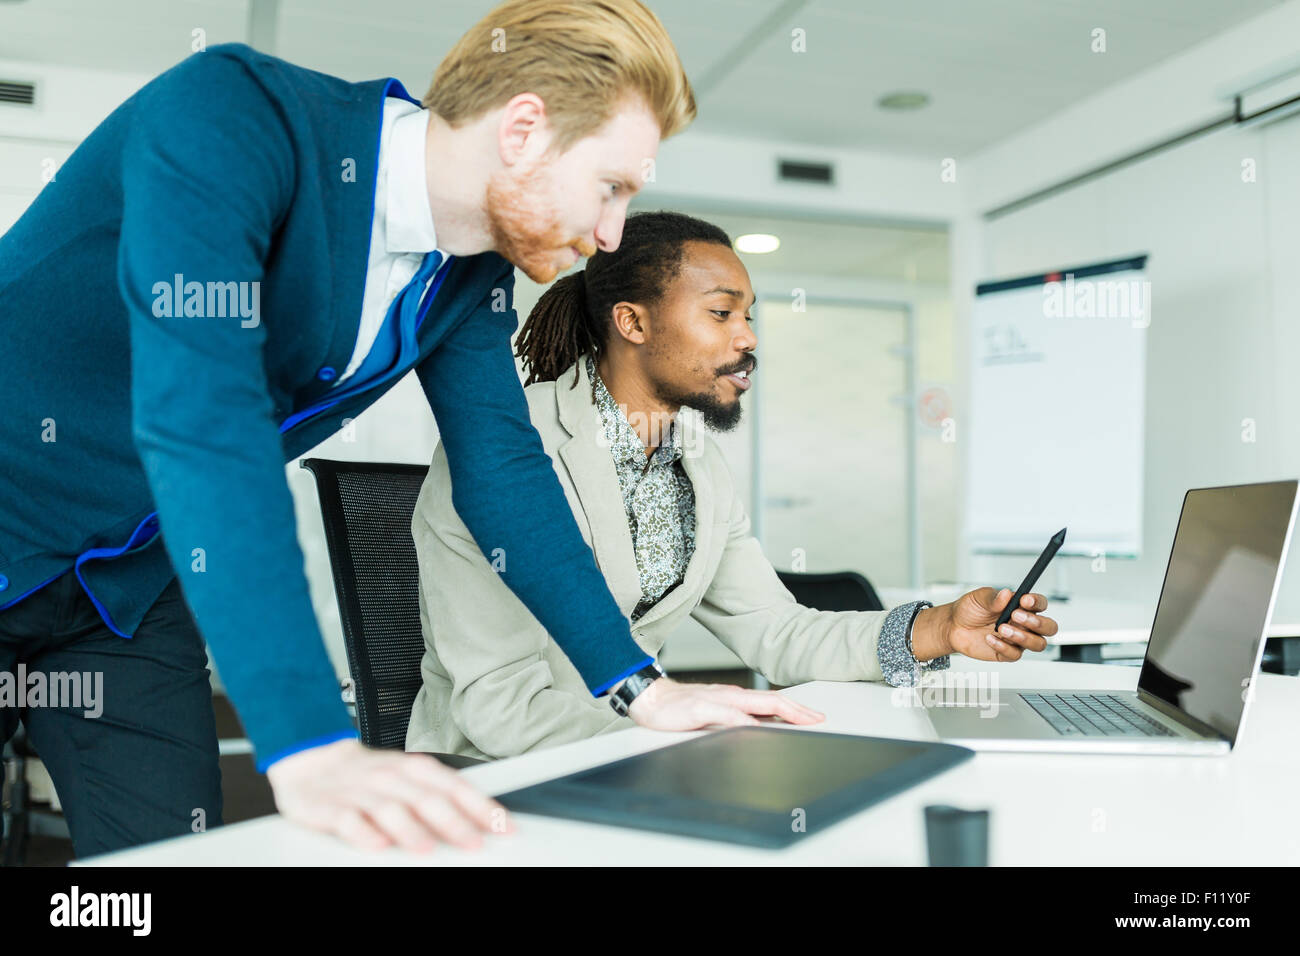 Un nero giovane con dreadlocks e un giovane bello dai capelli rossi imprenditore per discutere la progettazione Immagini Stock